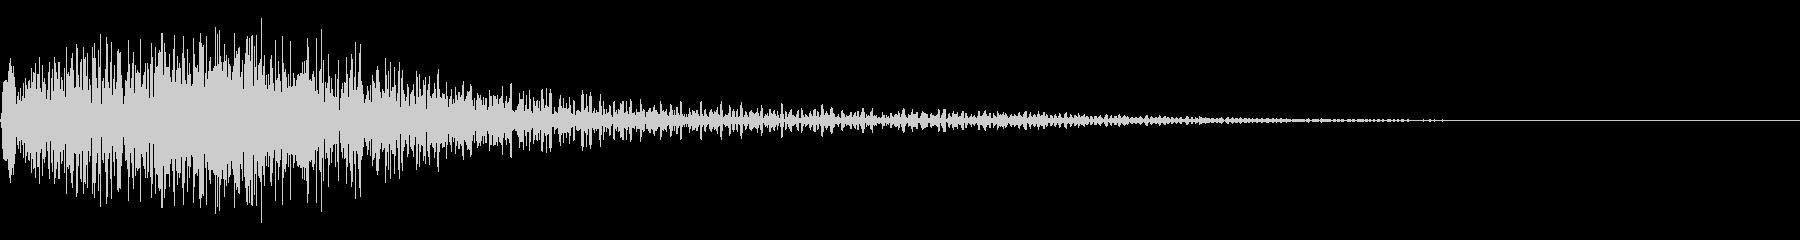 衝撃音(ギャン/ギョン)の未再生の波形